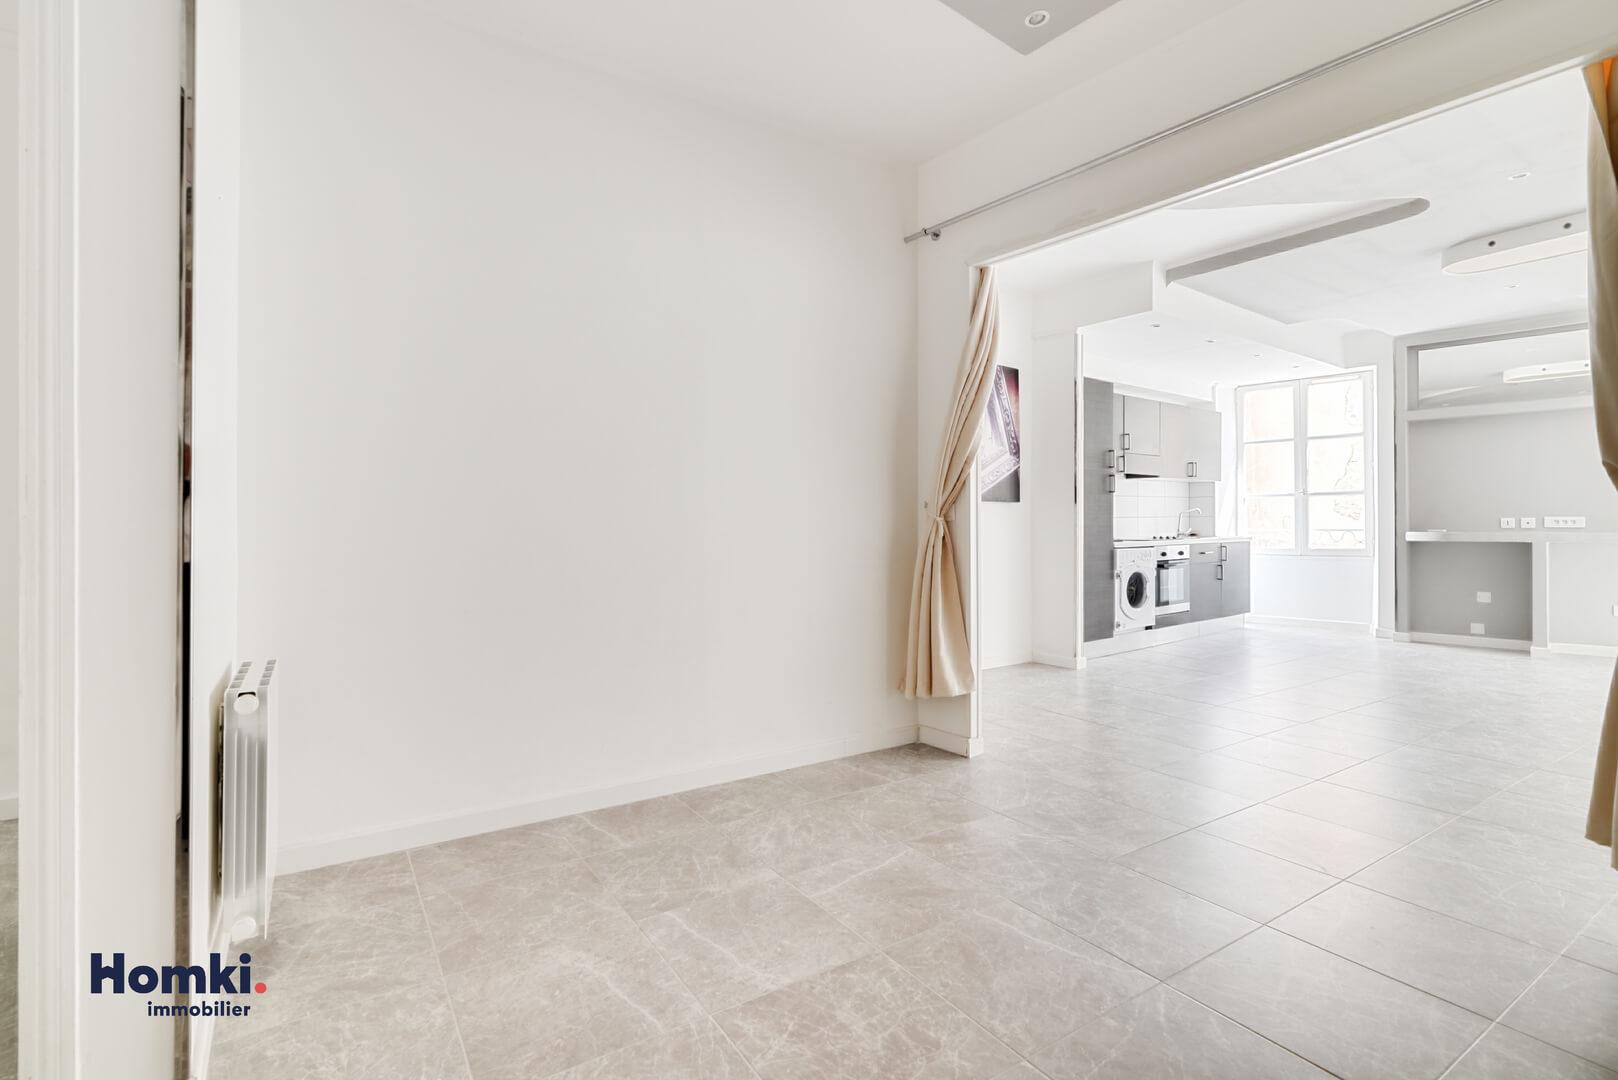 Vente appartement Menton T2 06500 Côte d'Azur French Riviera Investissement_5